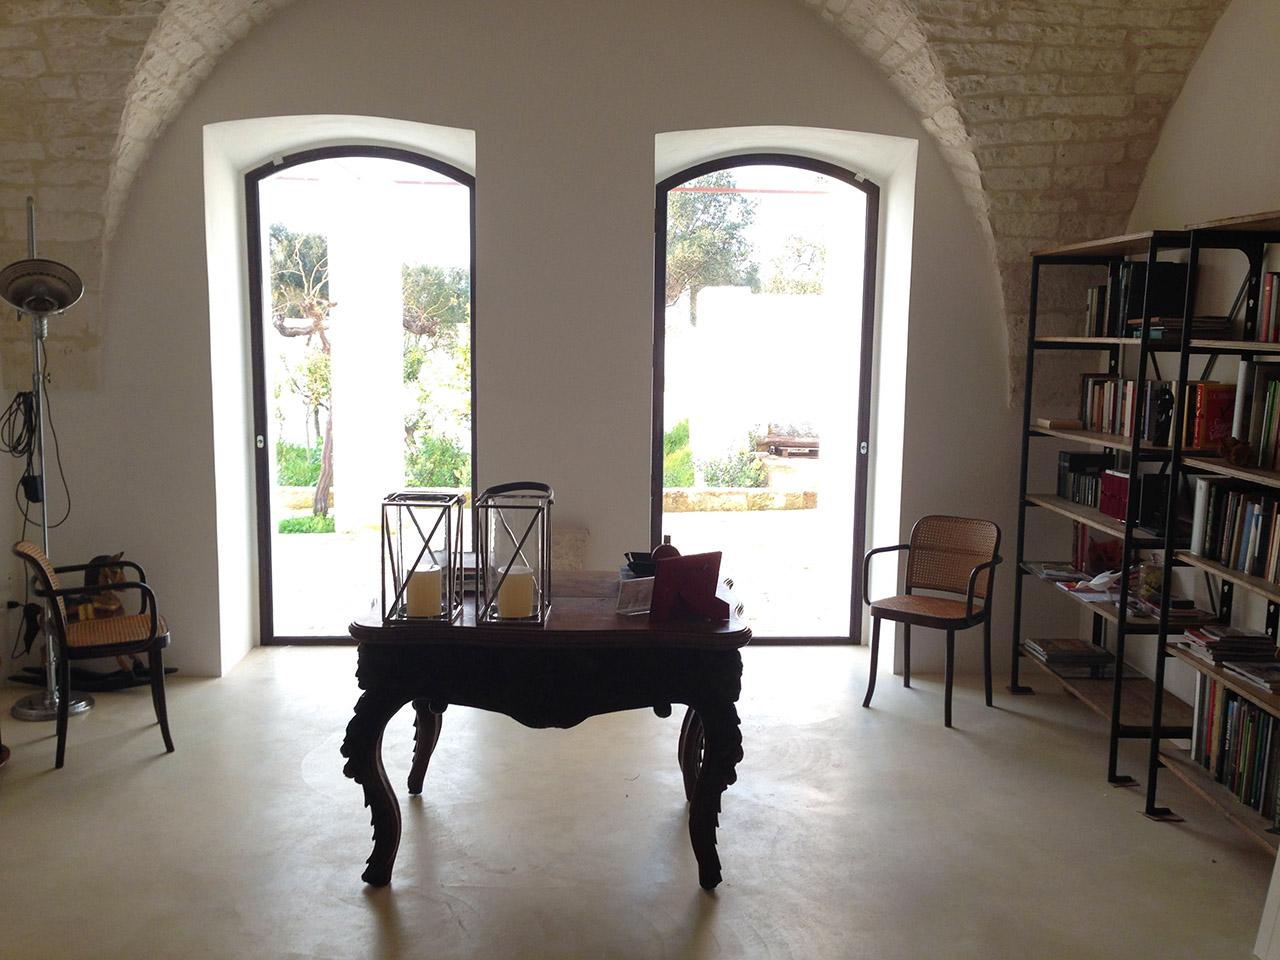 costruzioni restauri sirio ostuni restauro ristrutturazione masseria olive nardo ostuni foto franco 157